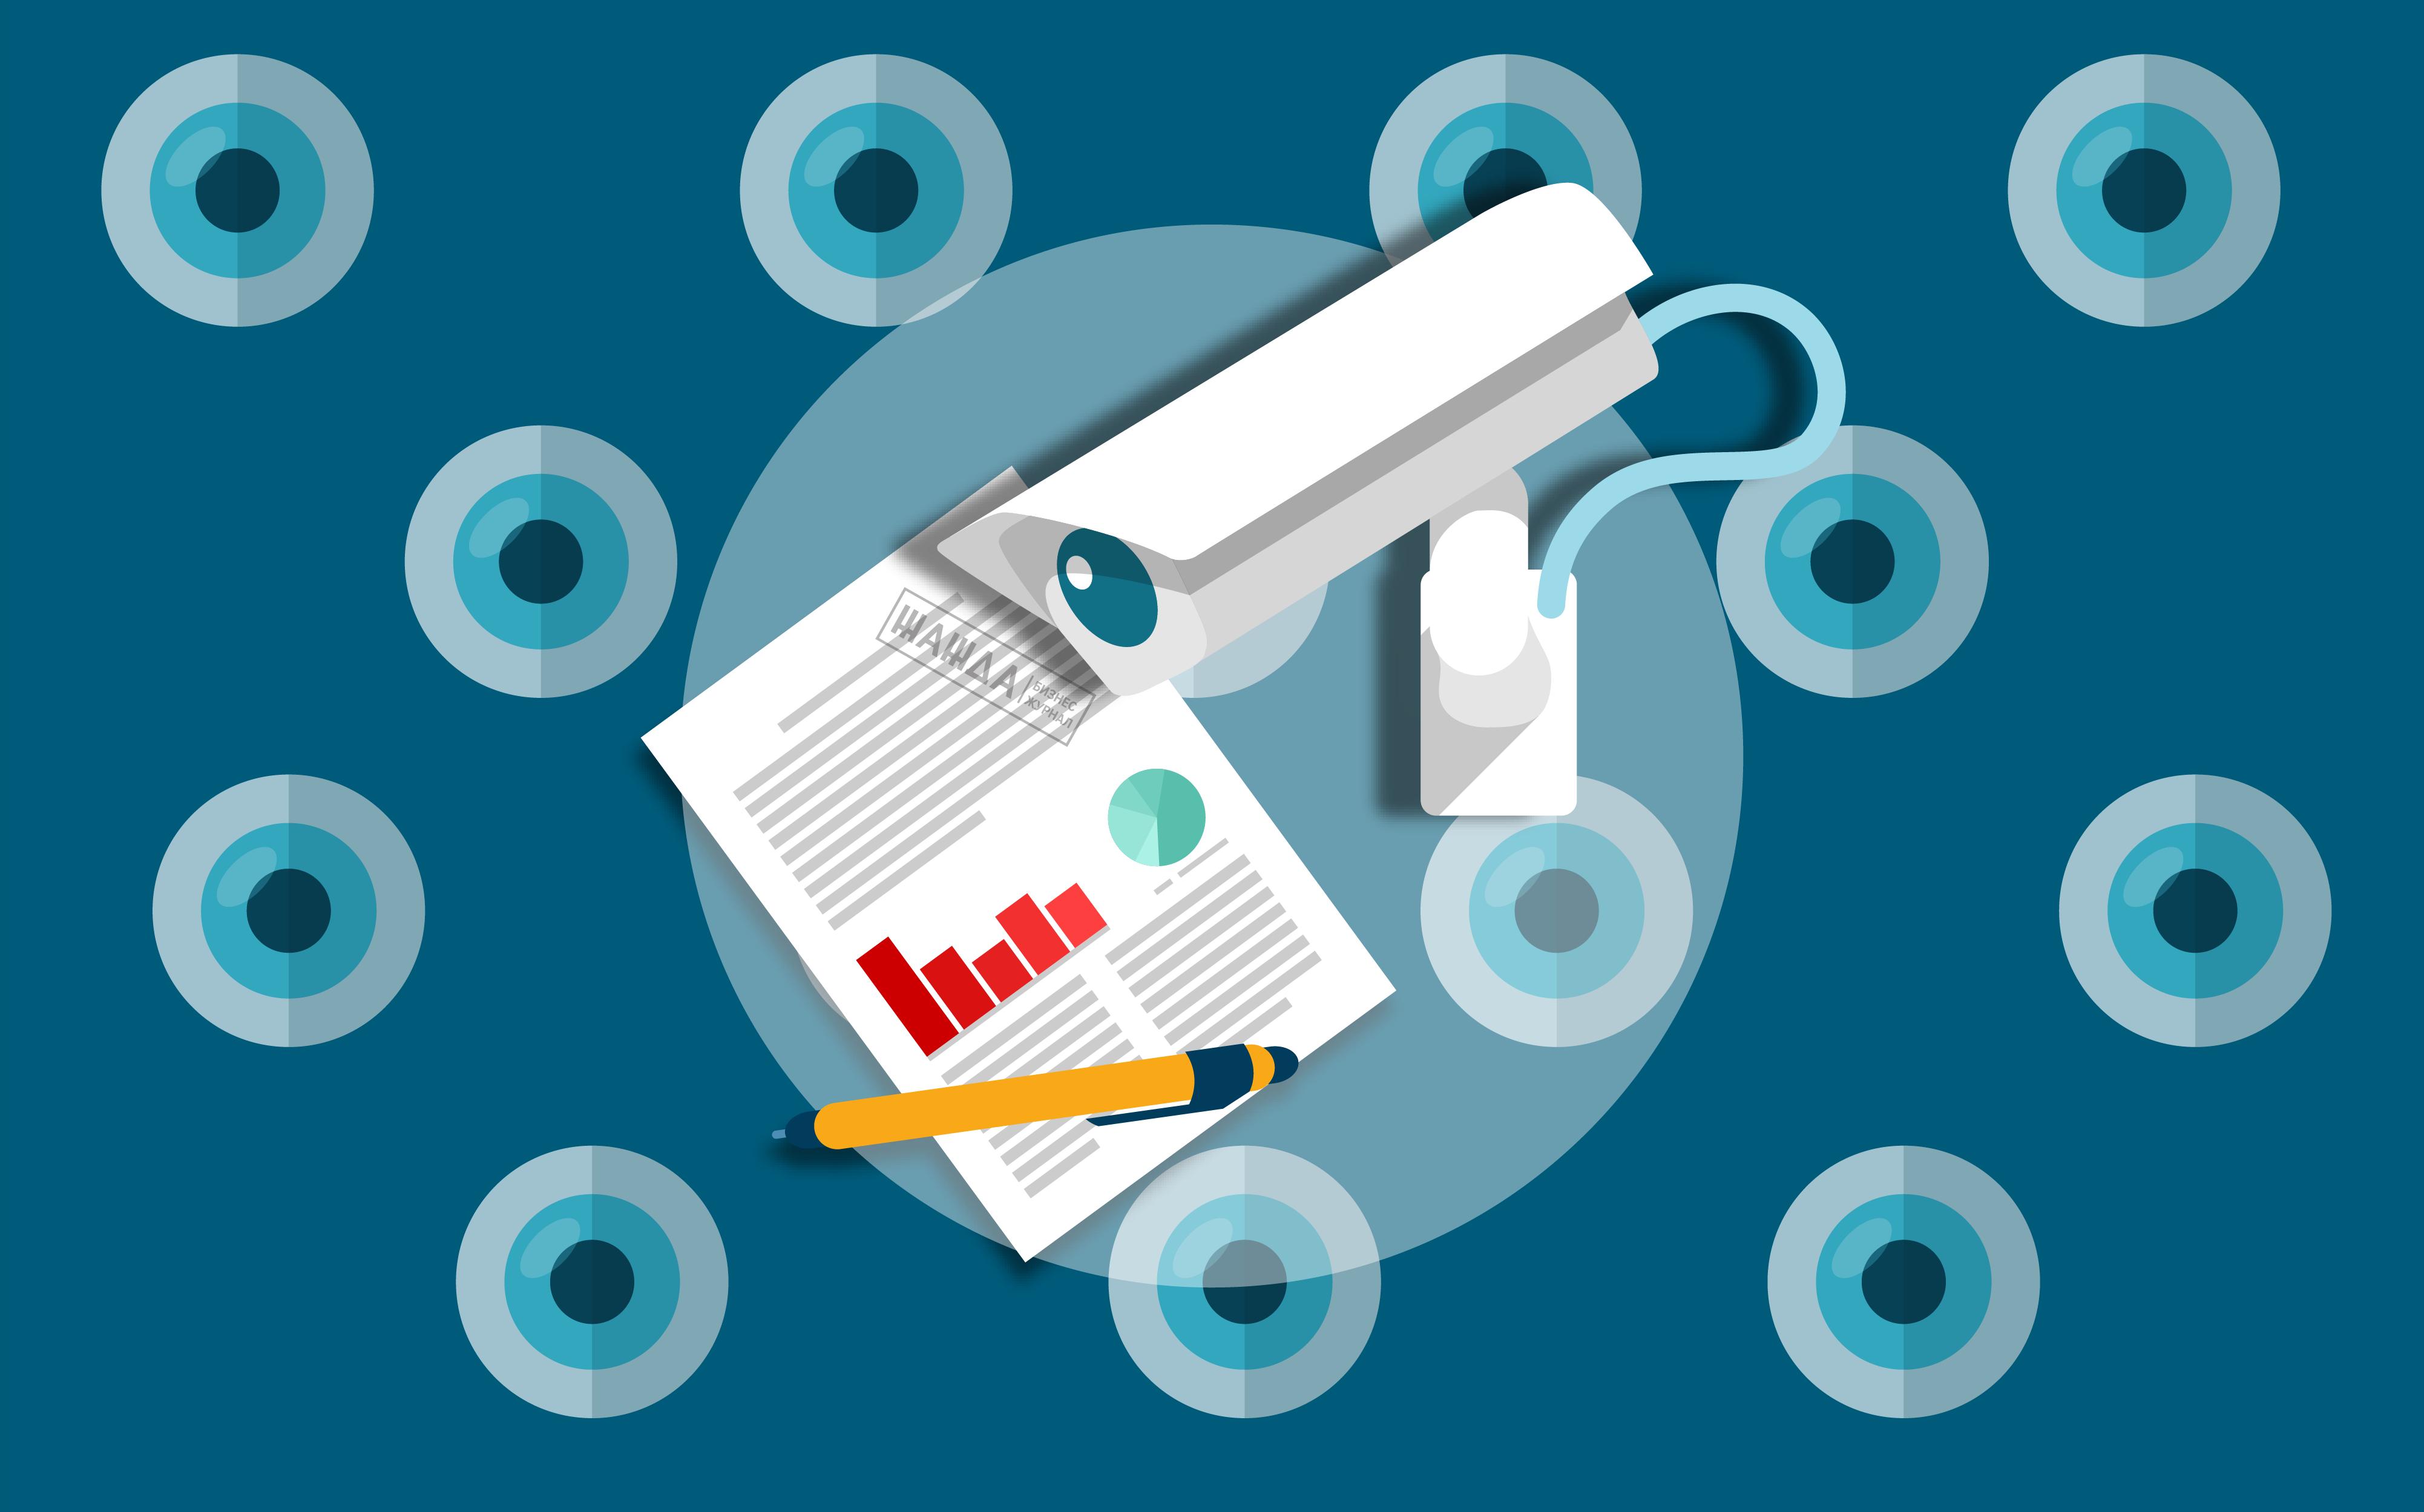 Бизнес идеи с видеонаблюдением составить бизнес план для турфирмы